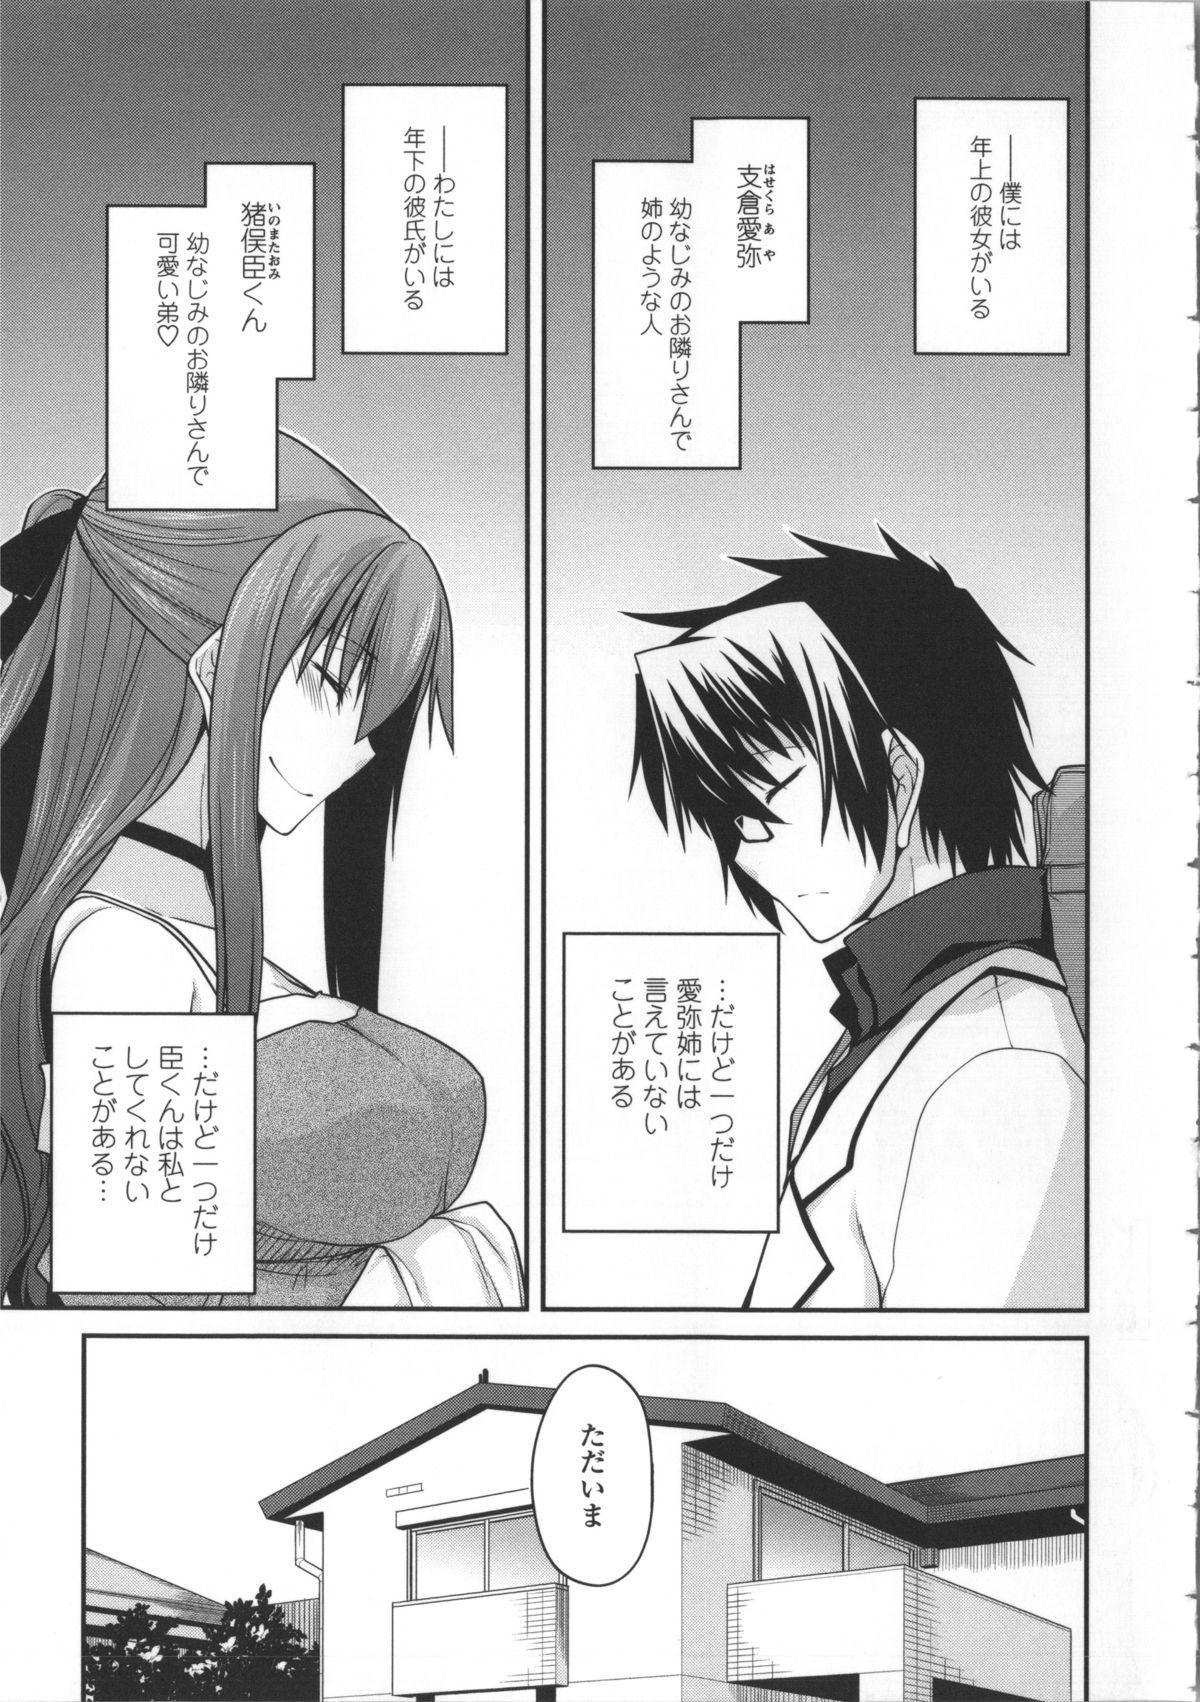 Yamato Nadeshiko Breast Changes 49